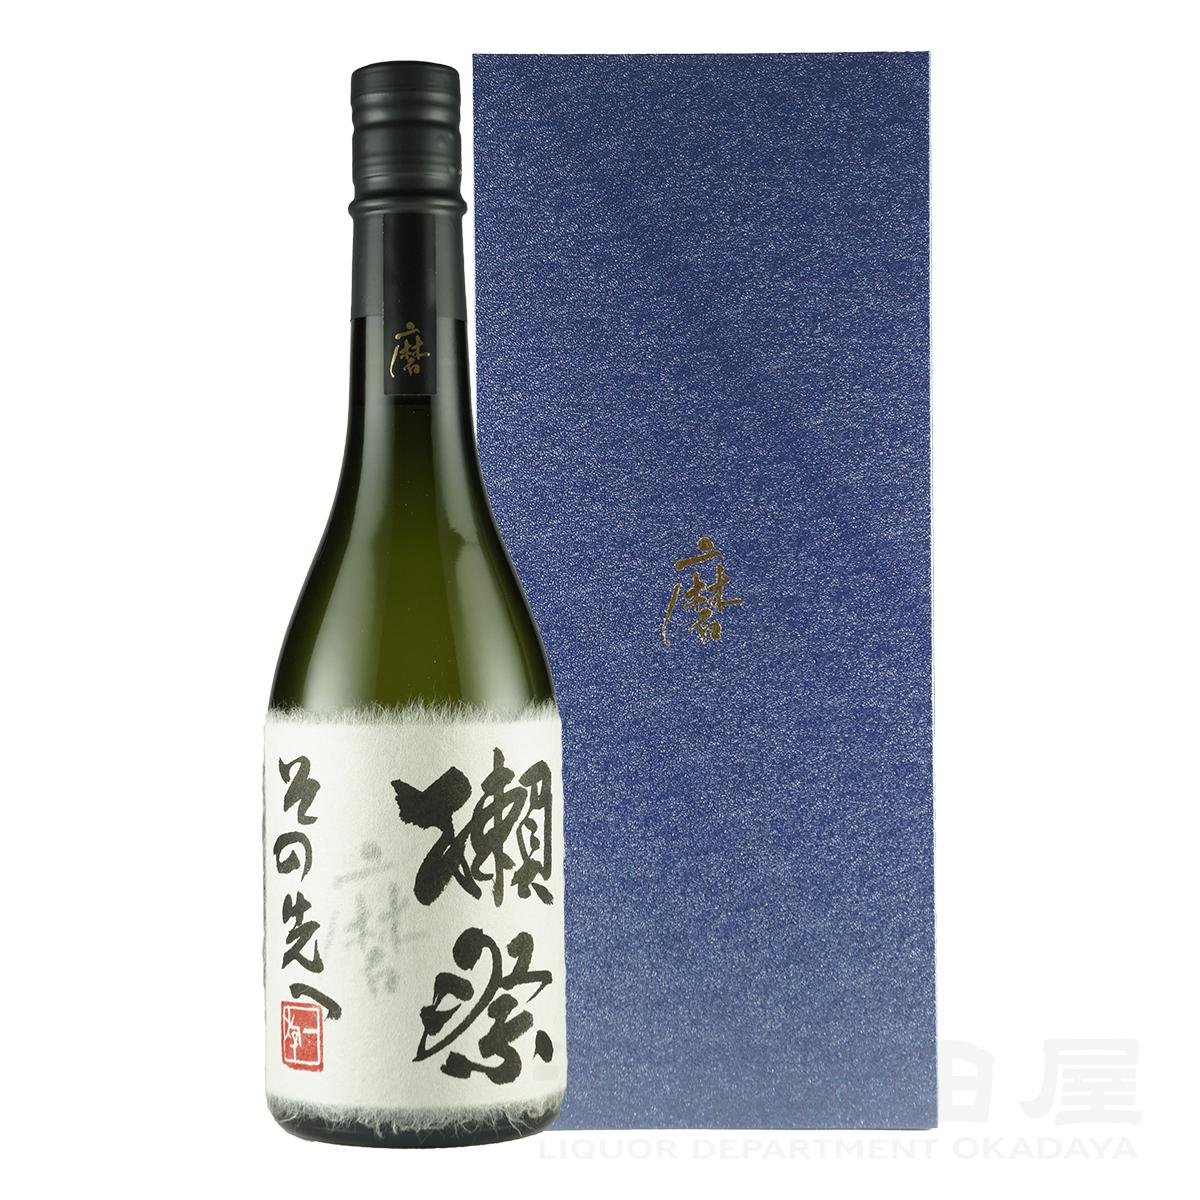 獺祭 だっさい 磨きその先へ 720ml 旭酒造 山口県 日本酒 地酒